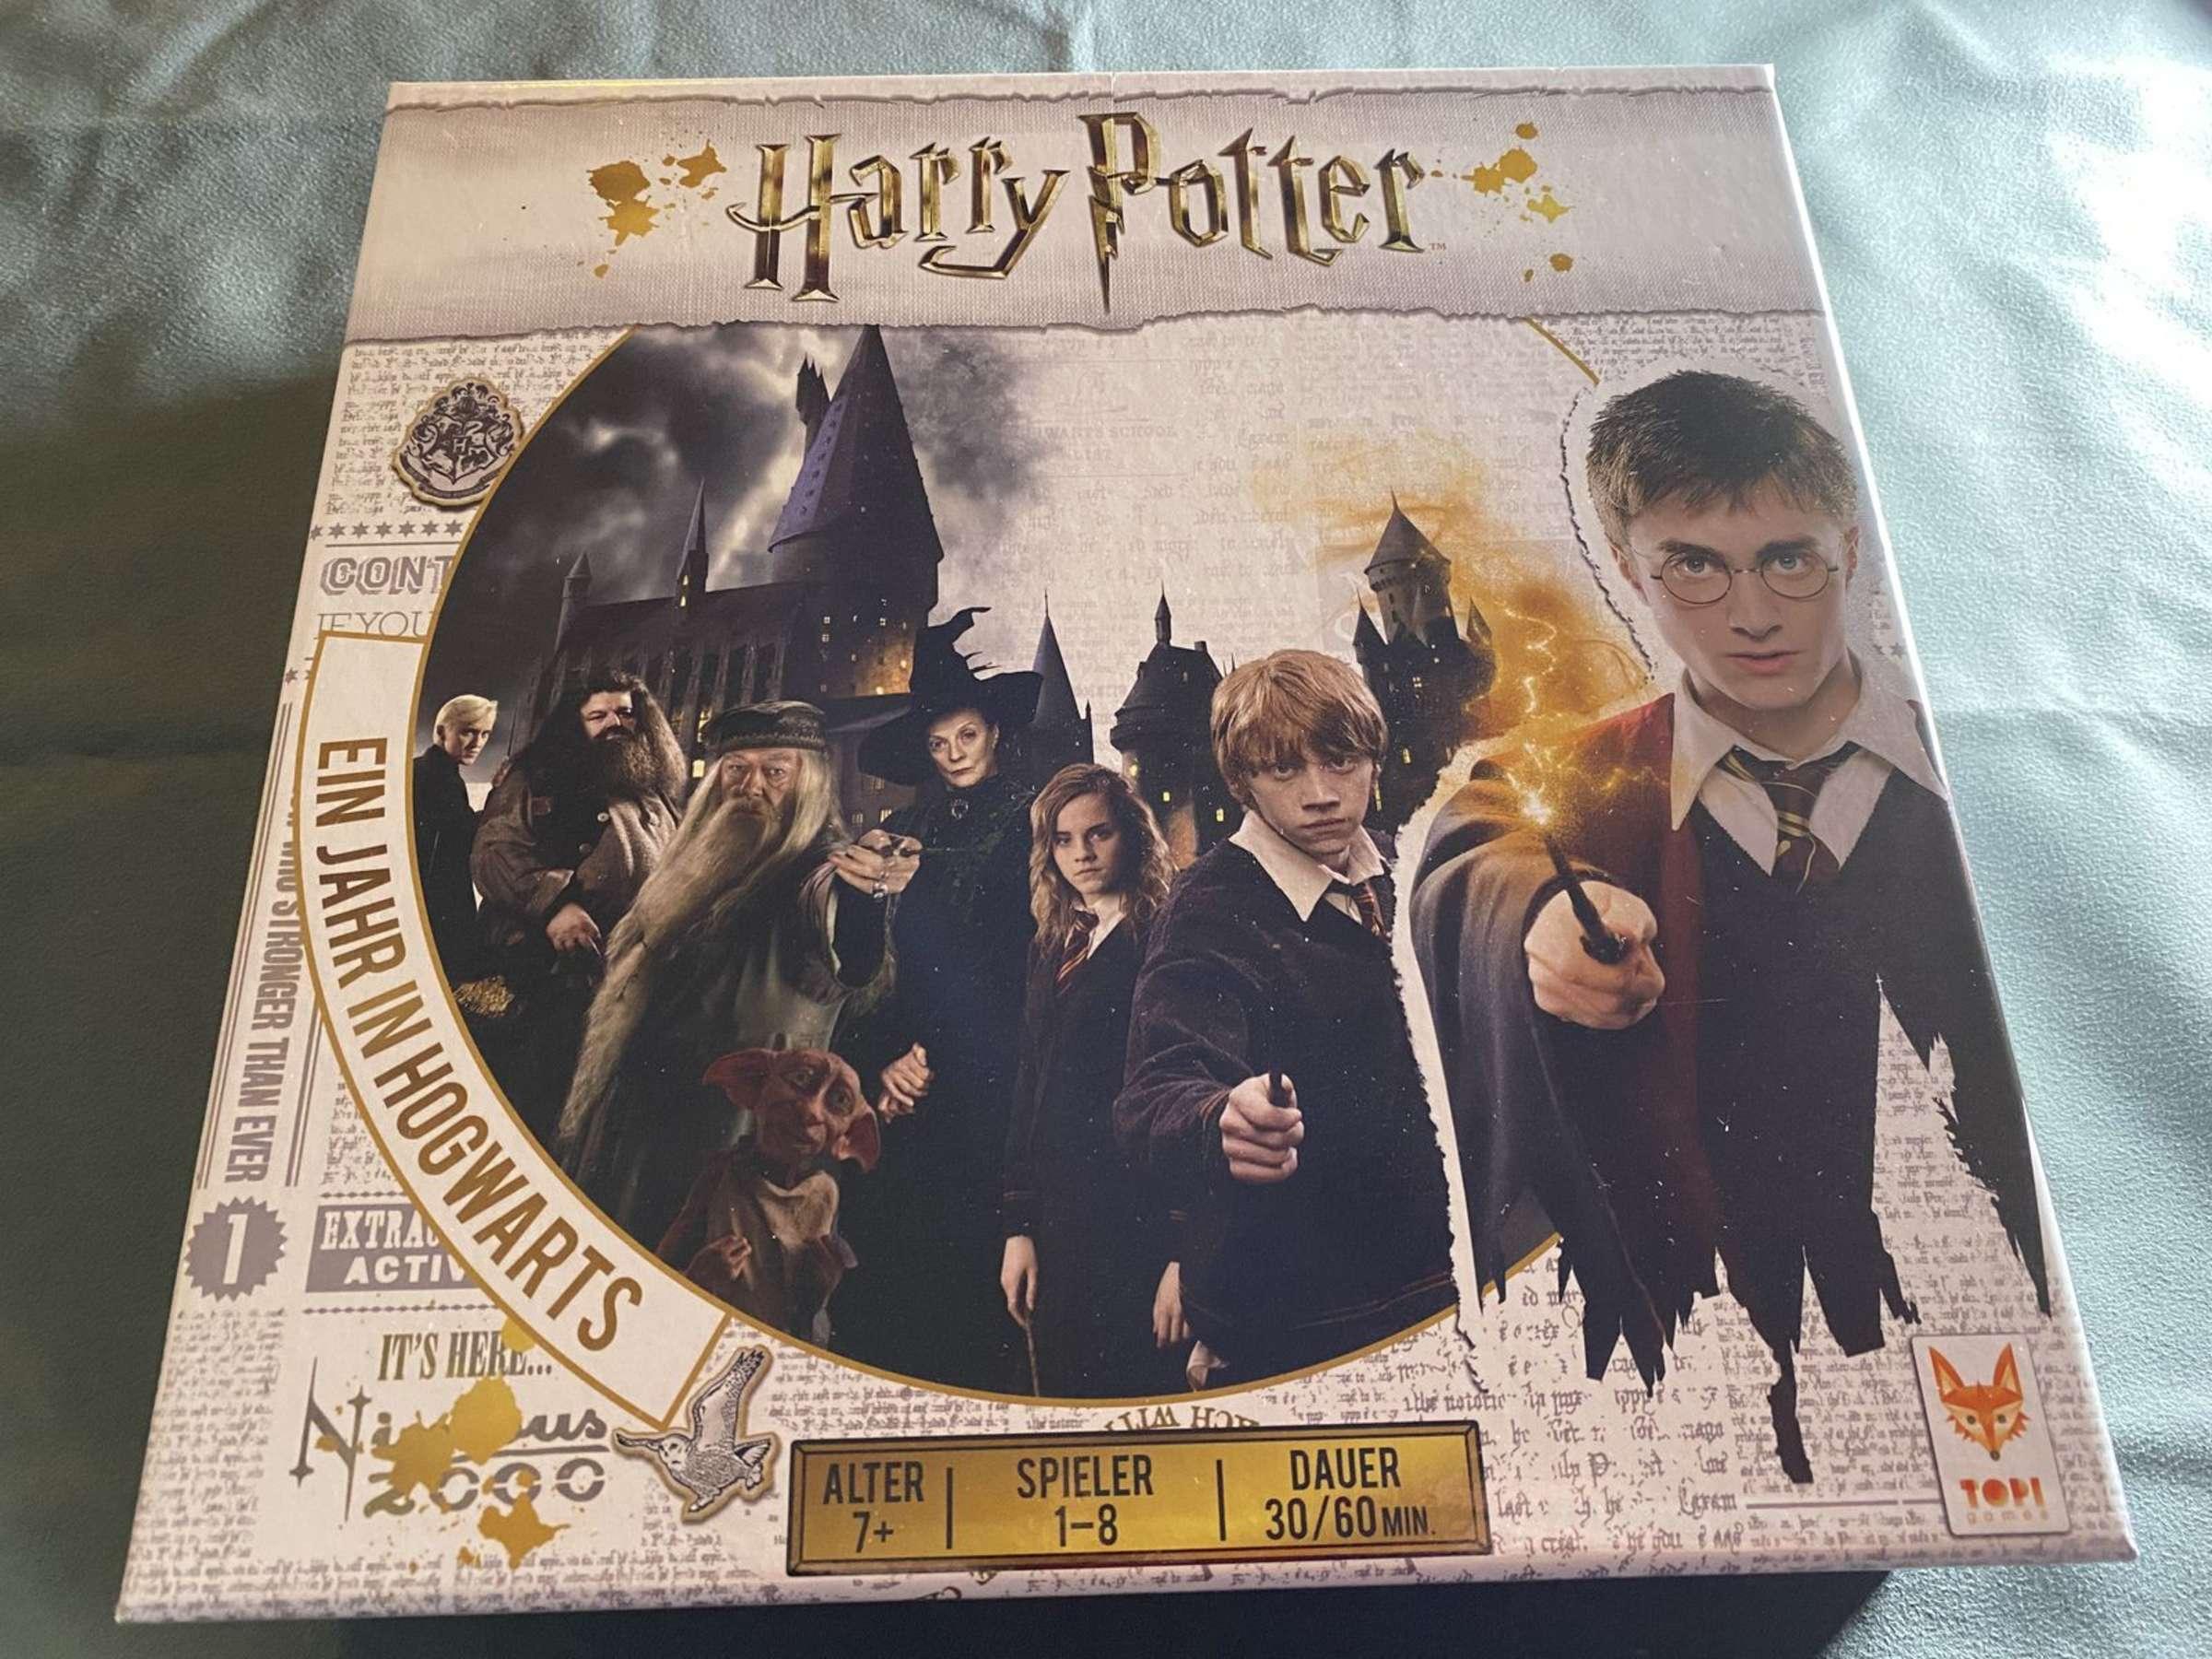 Harry Potter Ein Jahr In Hogwarts Im Test Das Brettspiel Fur Echte Potterheads Brettspiele